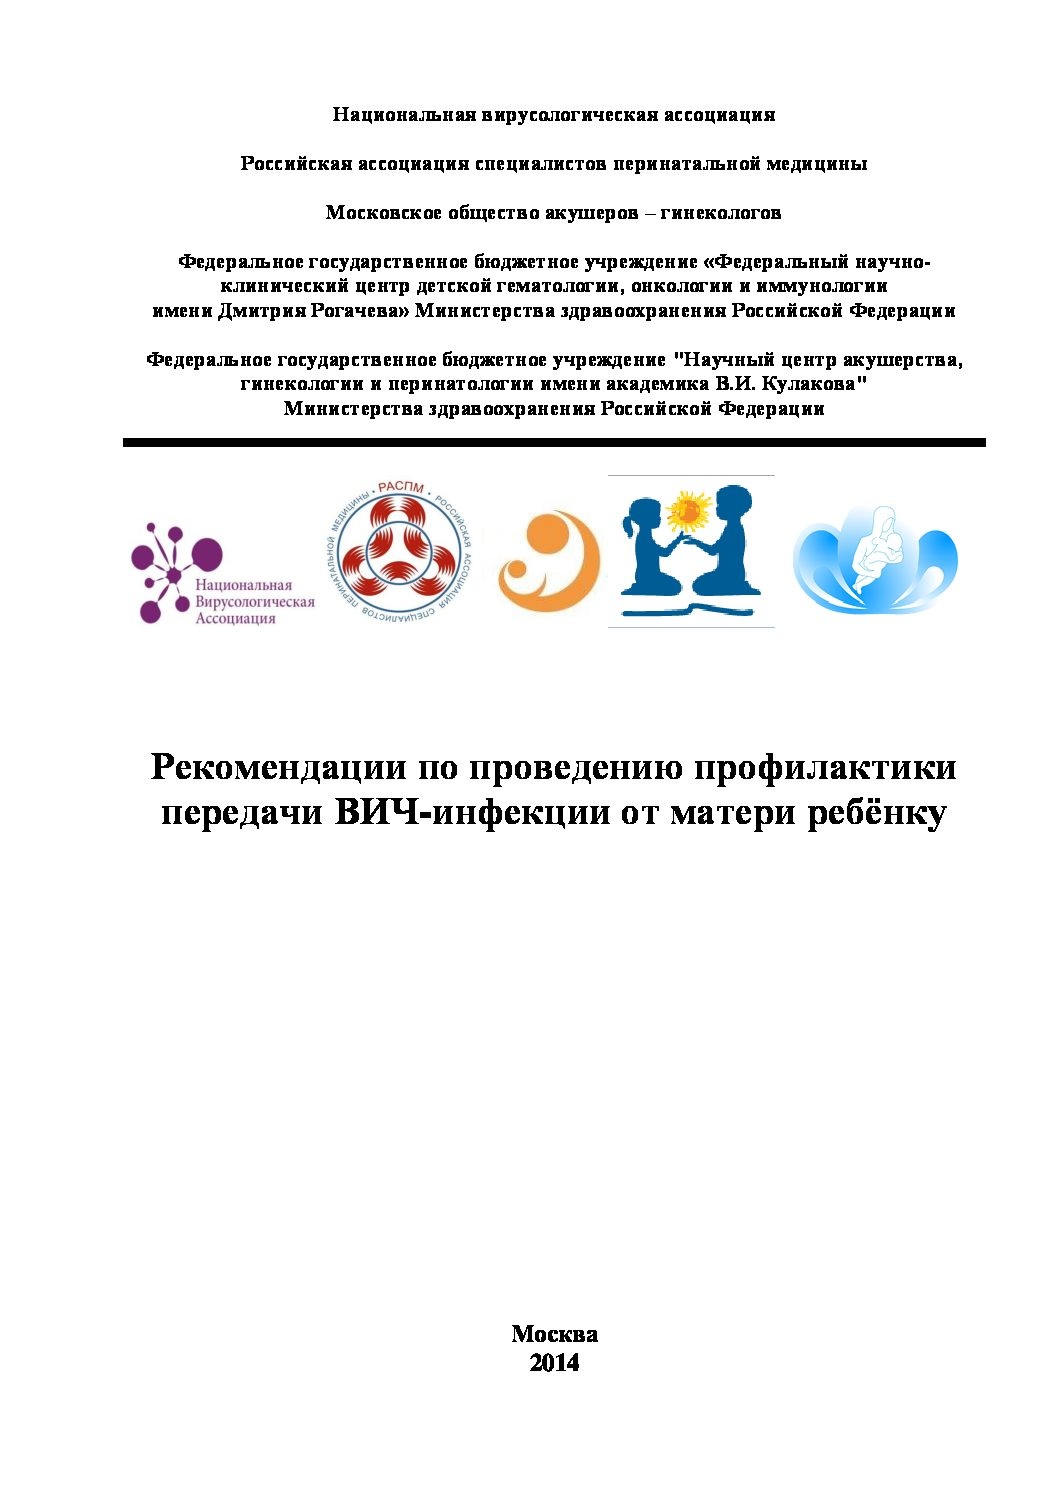 Рекомендации по проведению профилактики передачи ВИЧ-инфекции от матери к ребенку